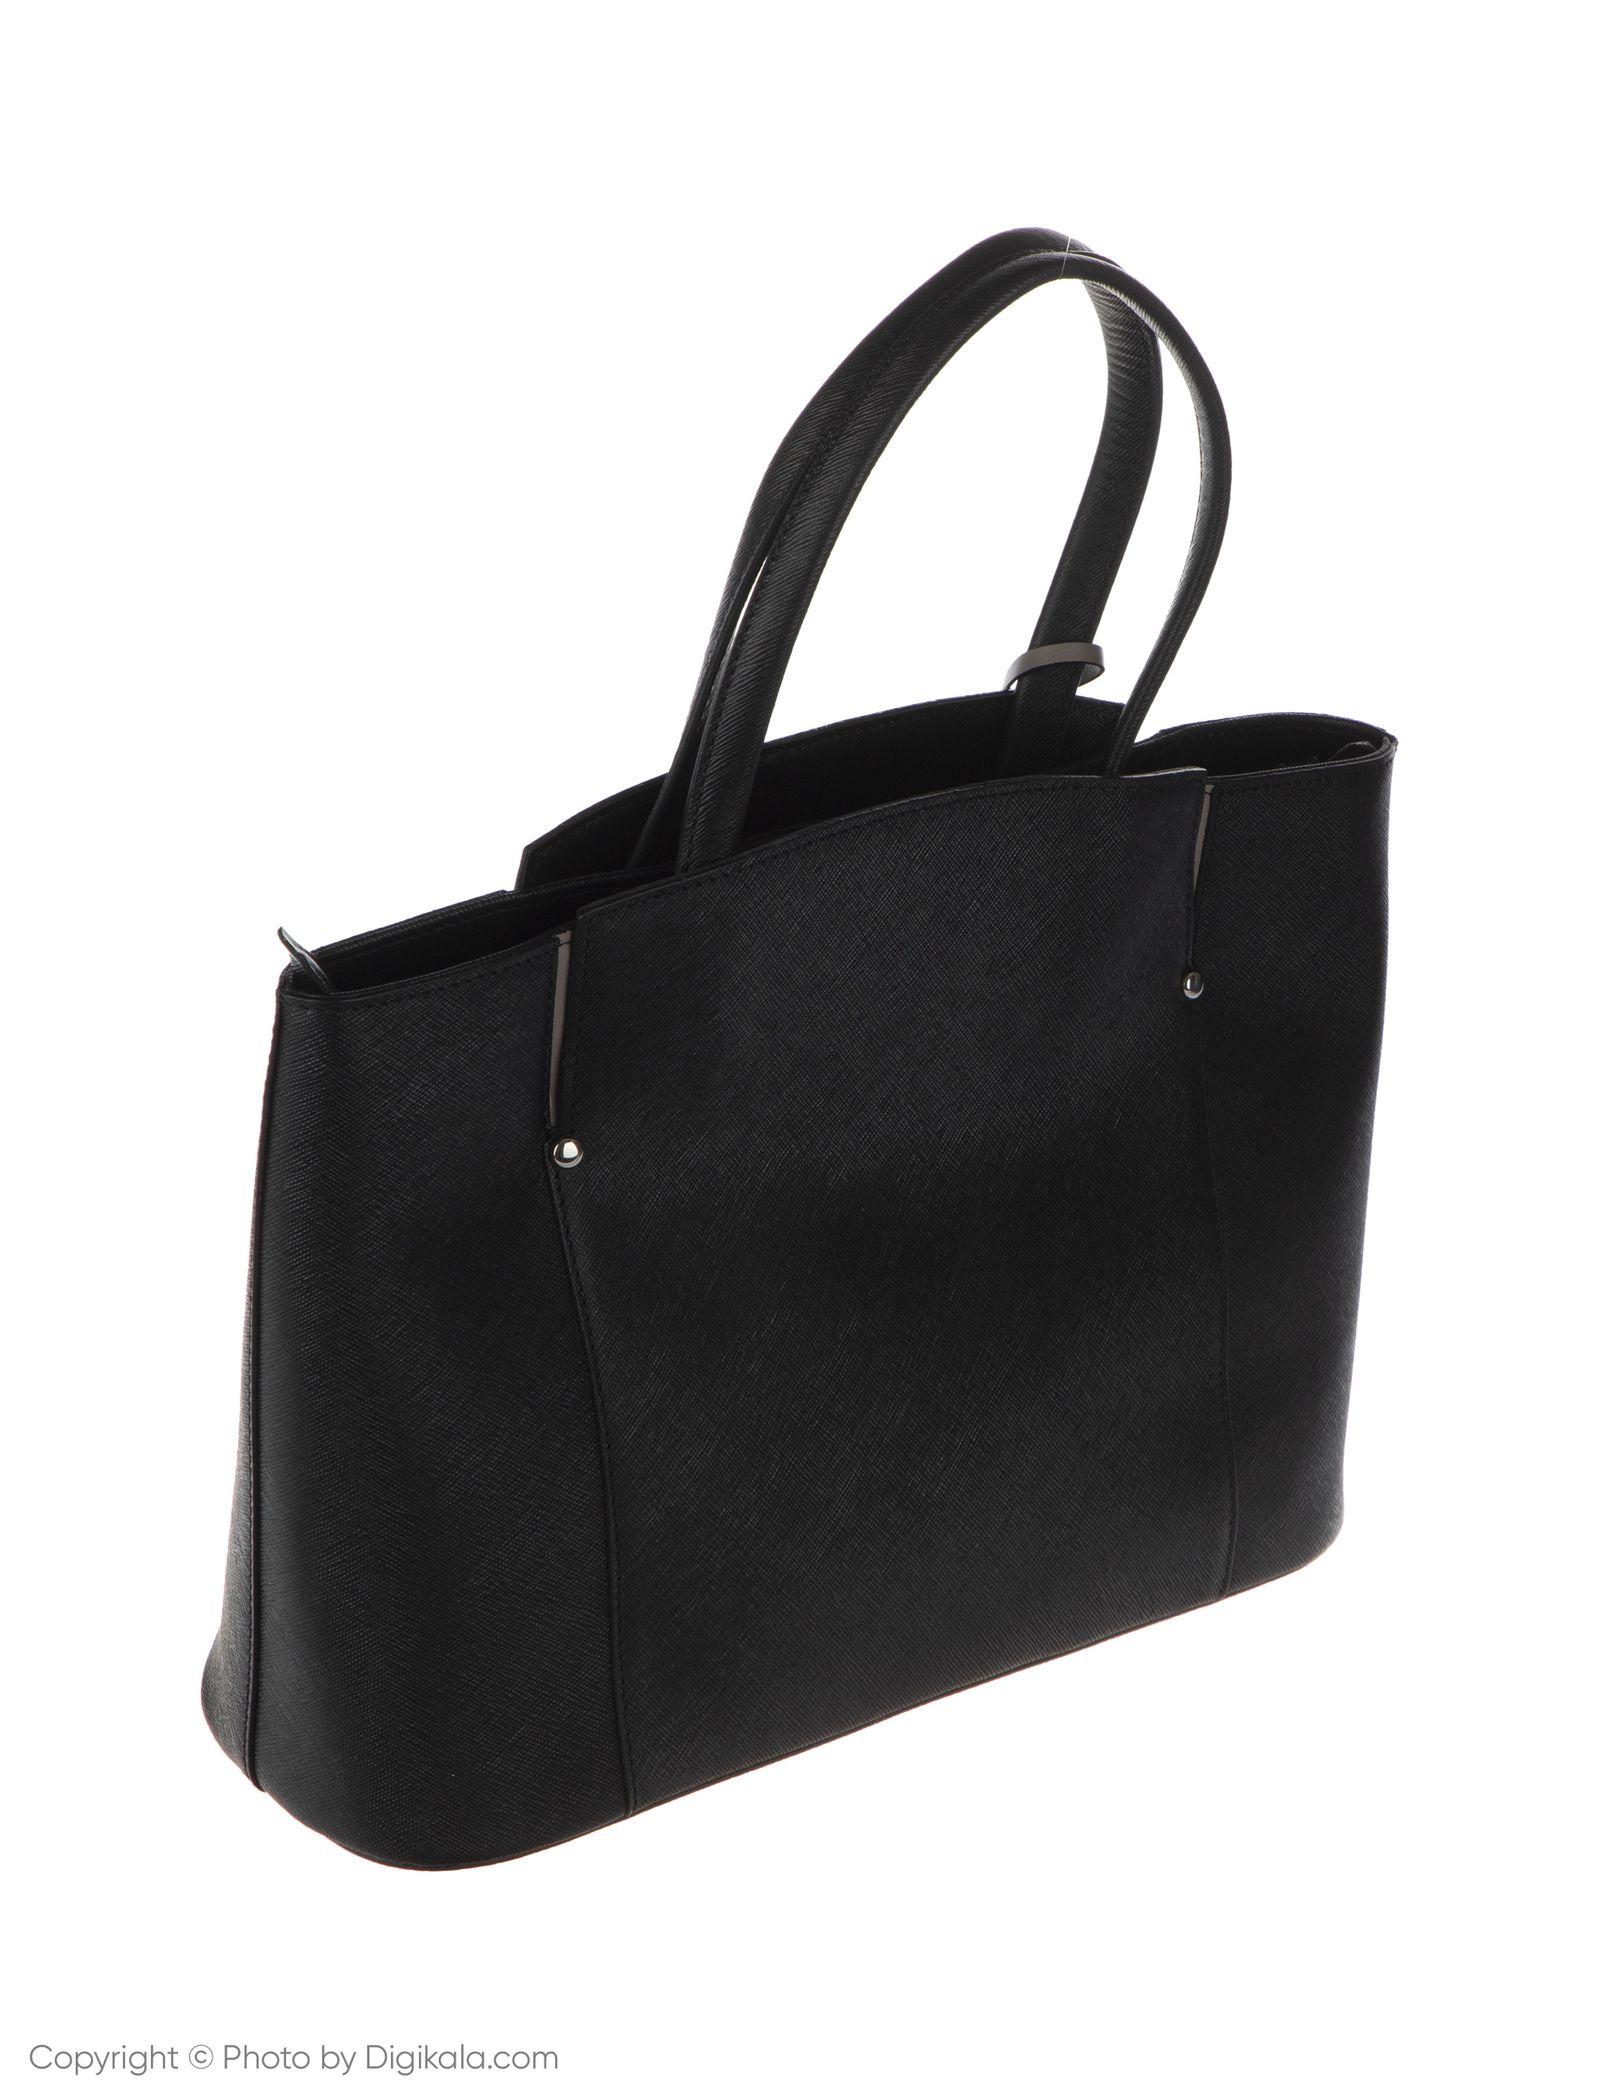 کیف دستی زنانه چرم مشهد مدل S0716-001 -  - 6